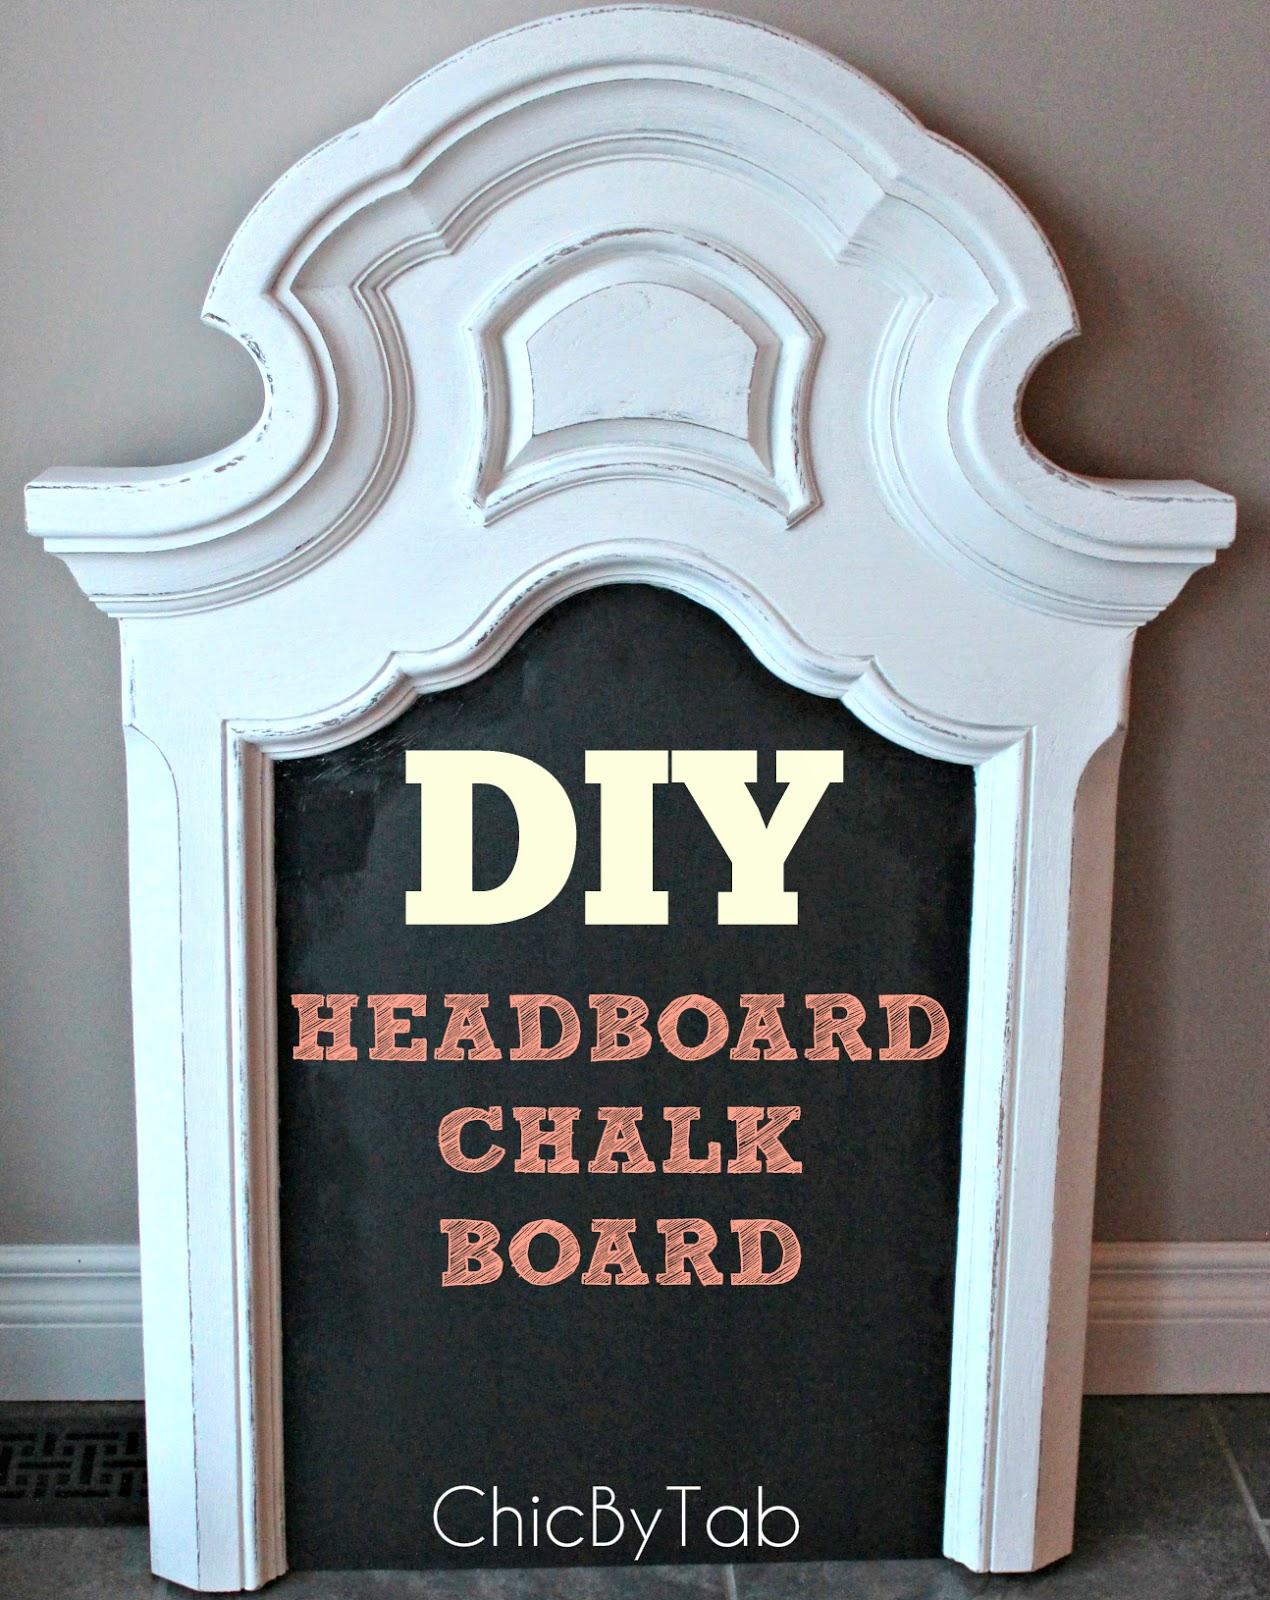 {ChicByTab}: Headboard Chalk Board DIY #2